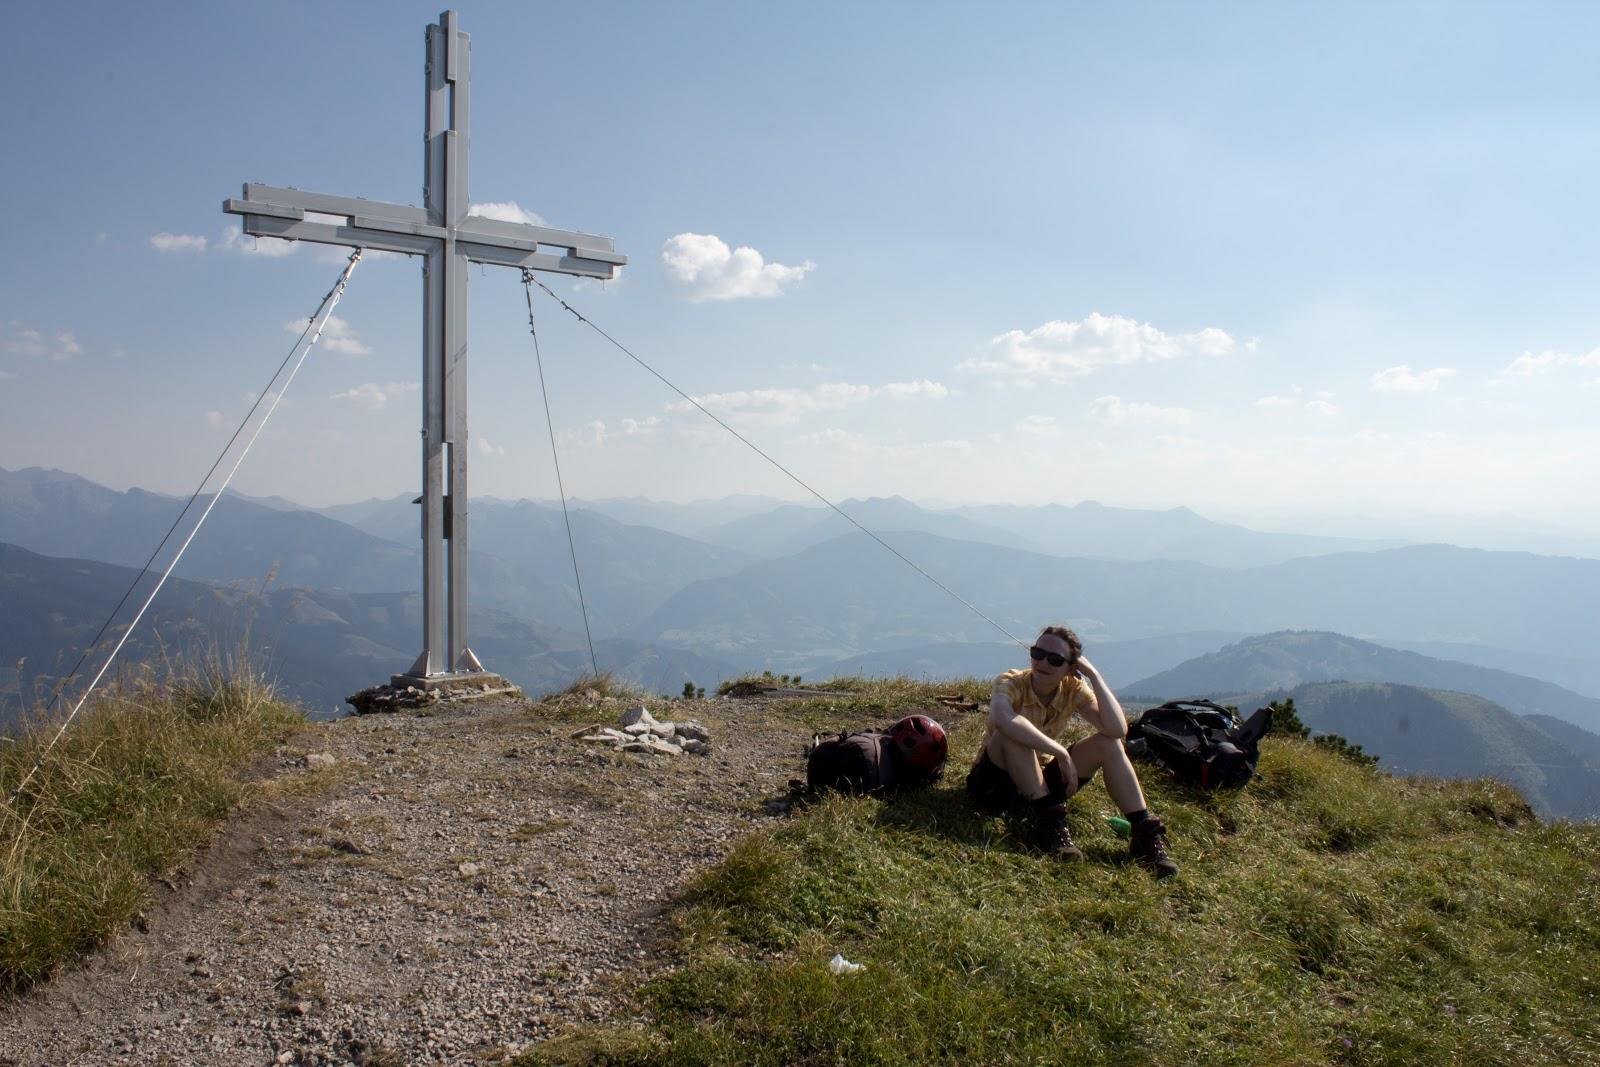 Von der Ardningeralmhütte über den Wildfrauensteig auf Frauenmauer, Bosruck und Kitzstein. - Gipfelkreuz Kitzstein